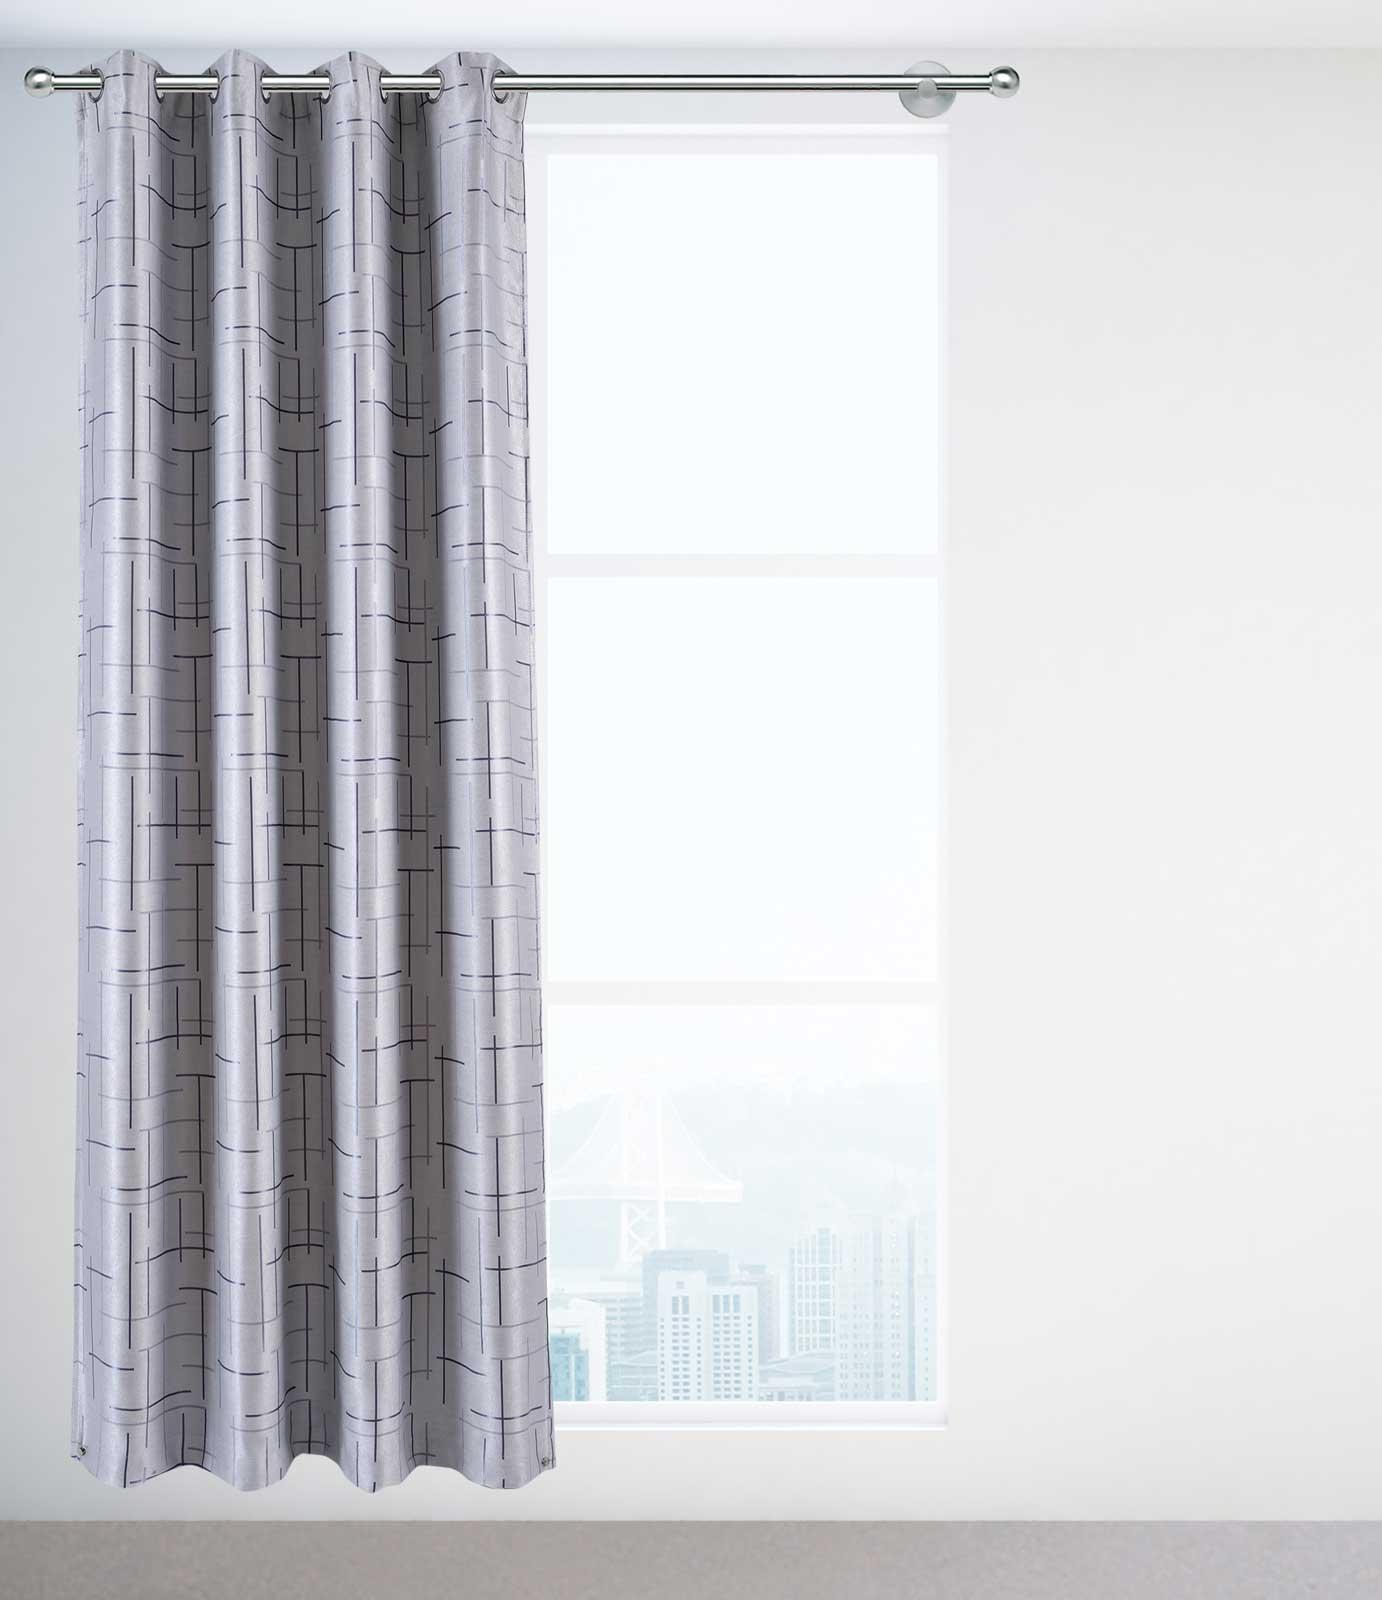 Gardinen und Vorhänge - 2er Pack Goldmond Verdunkelungsvorhang Vorhang Wildleder Optik New York 140x245cm hellgrau  - Onlineshop PremiumShop321